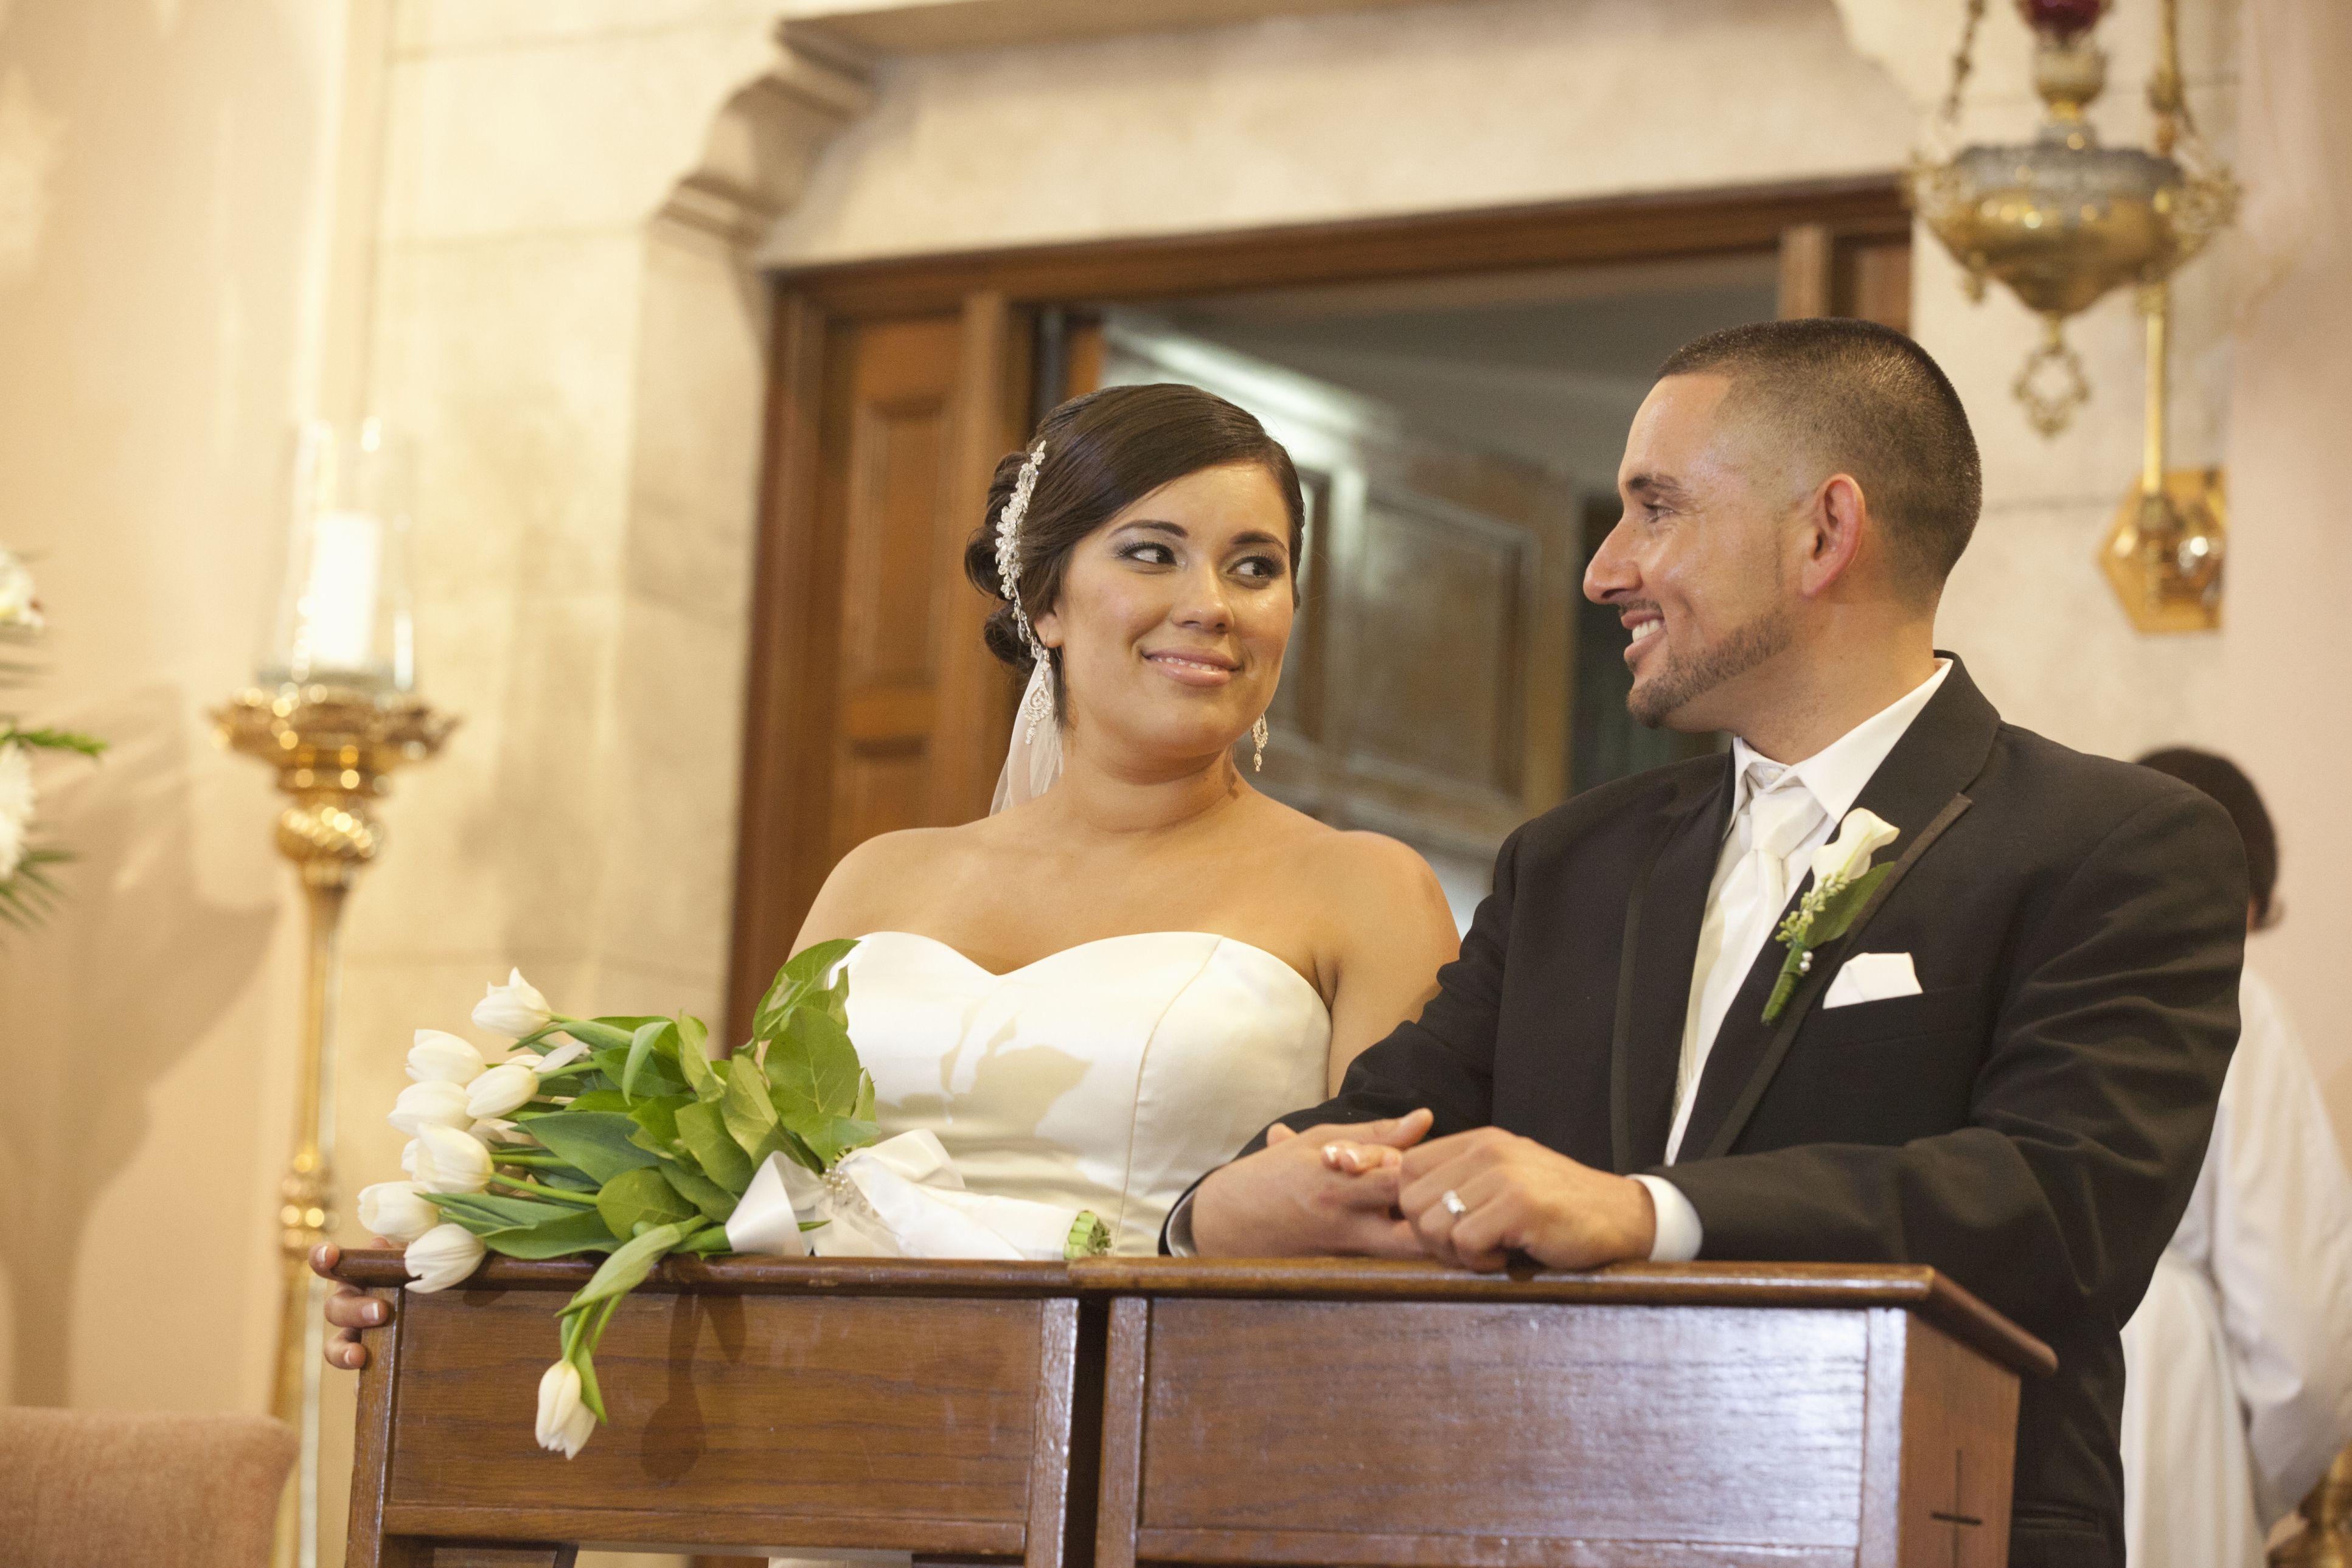 Elementos Del Matrimonio Catolico : Rito del matrimonio ceremonia de católico